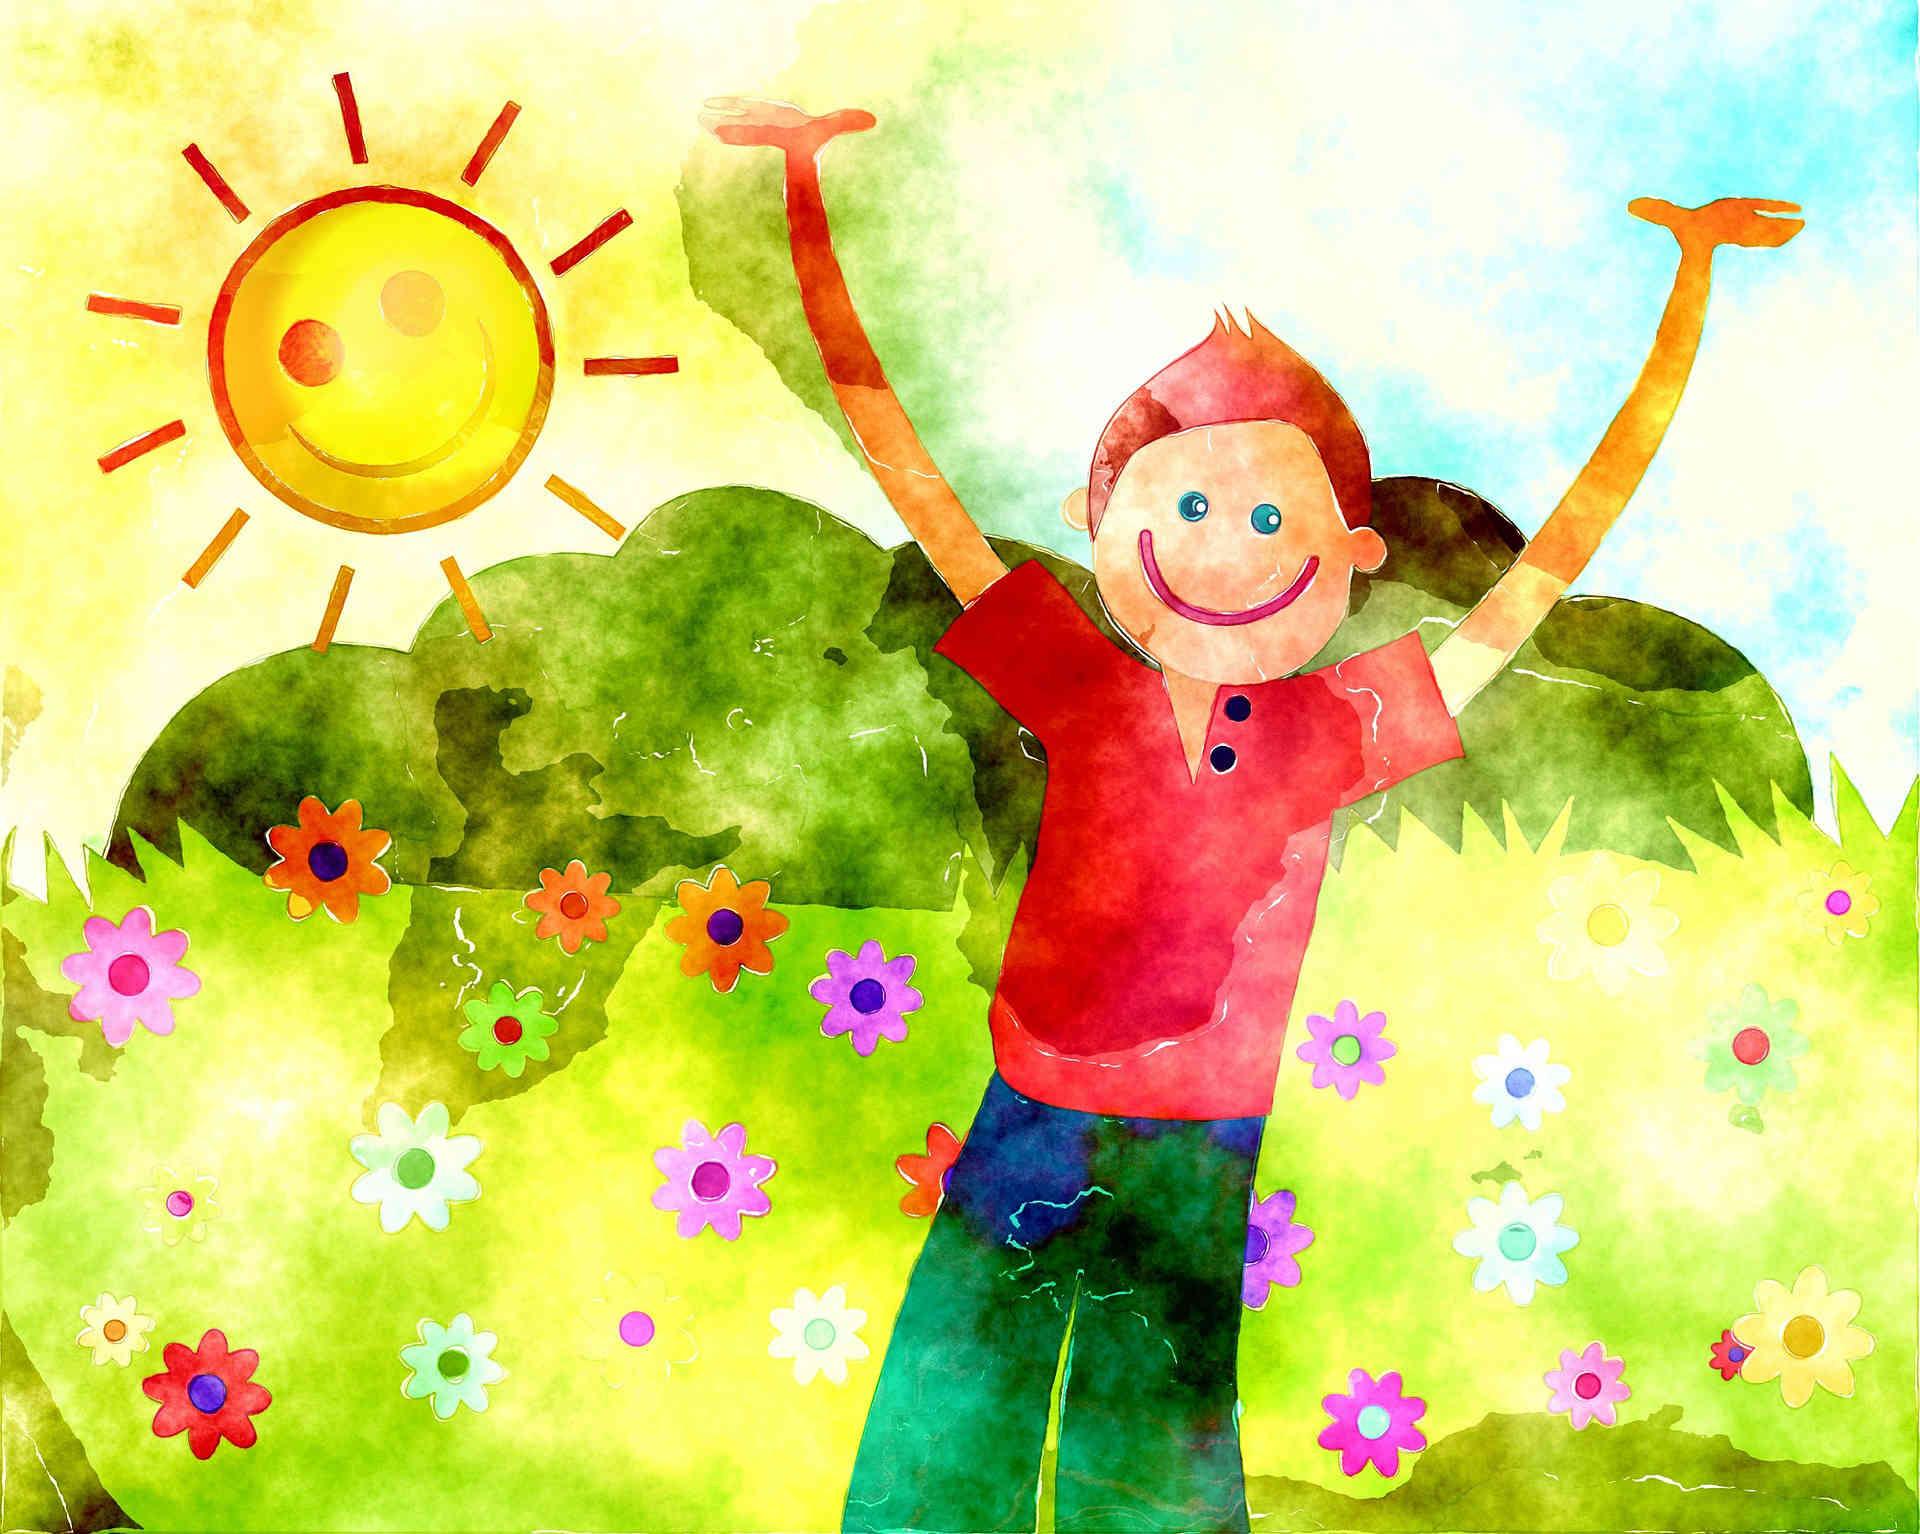 Слајд 2 - Цртеж воденим бојама на папиру на коме се налази дећак раширених руку ка небу који стоји на ливади обасјаној сунцем